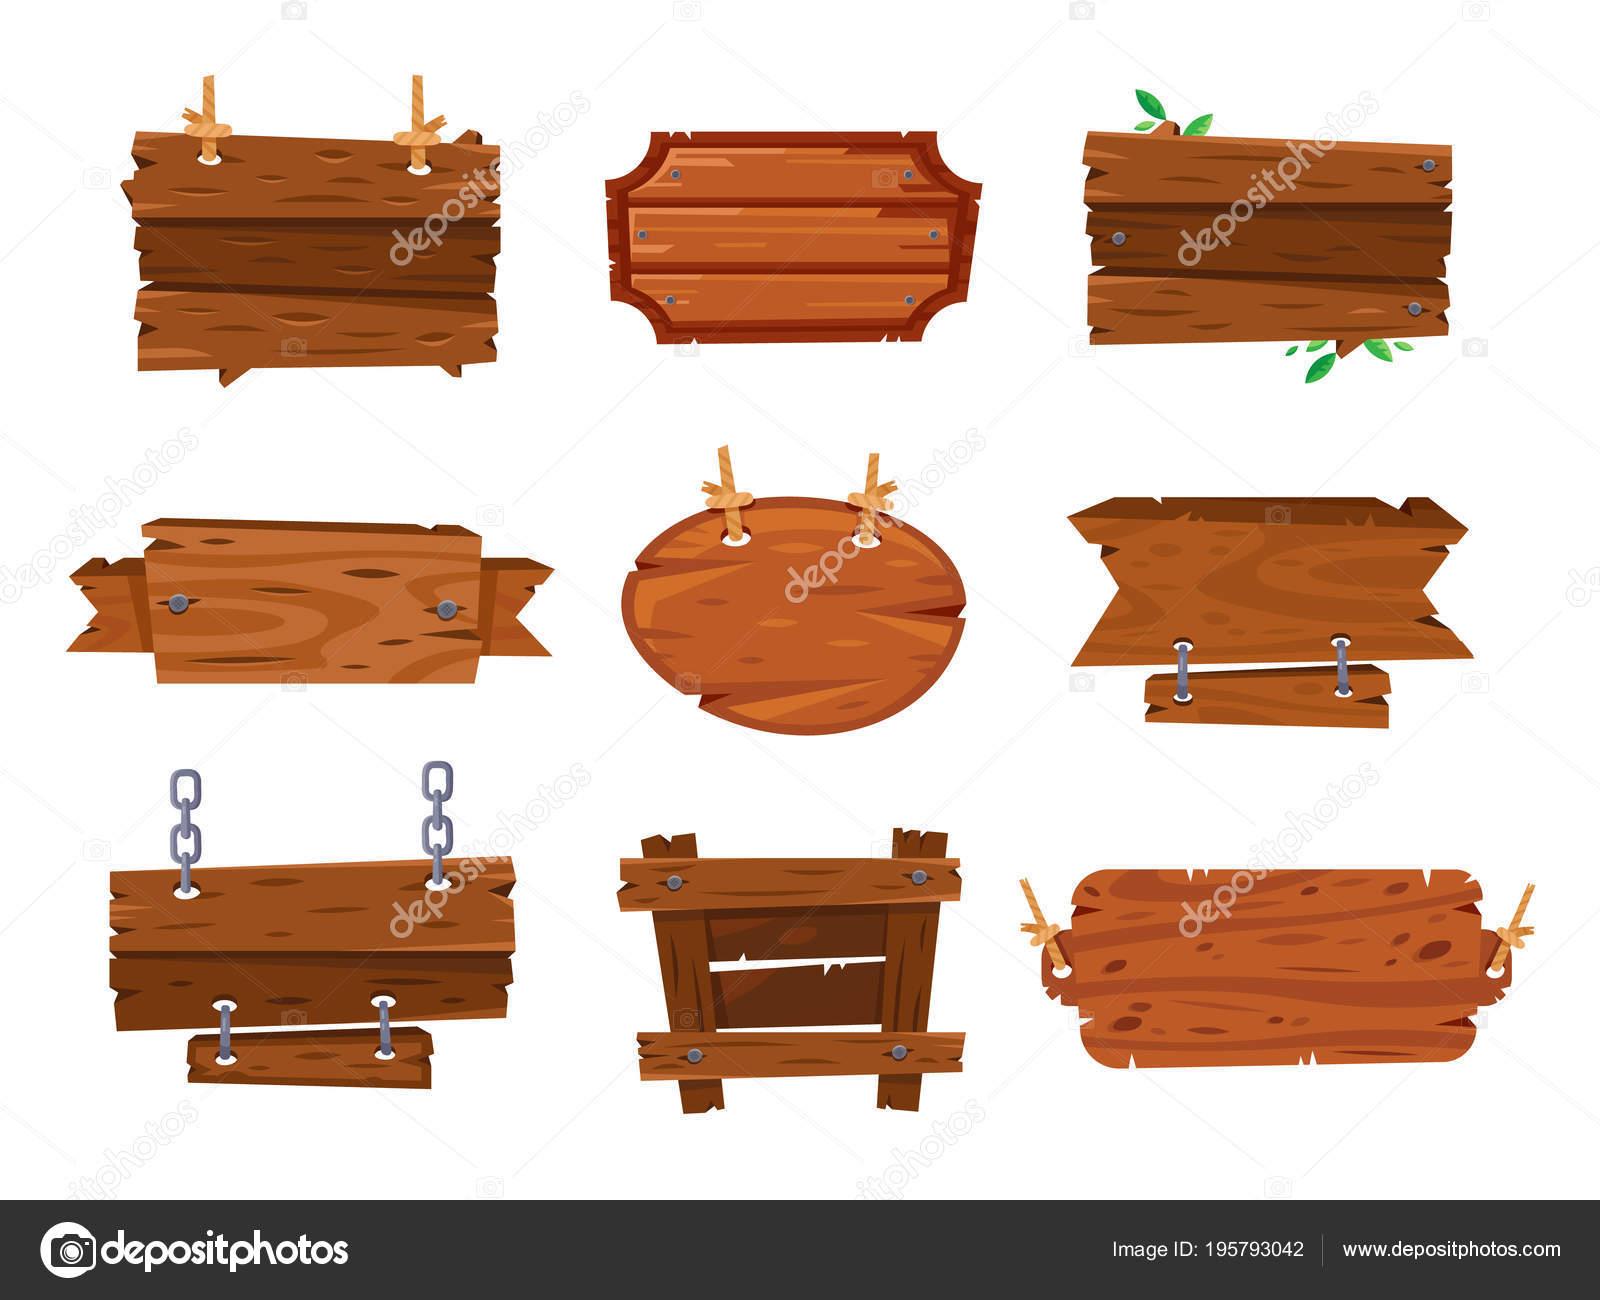 Signos de tableros de madera de dibujos animados y banners de madera ...